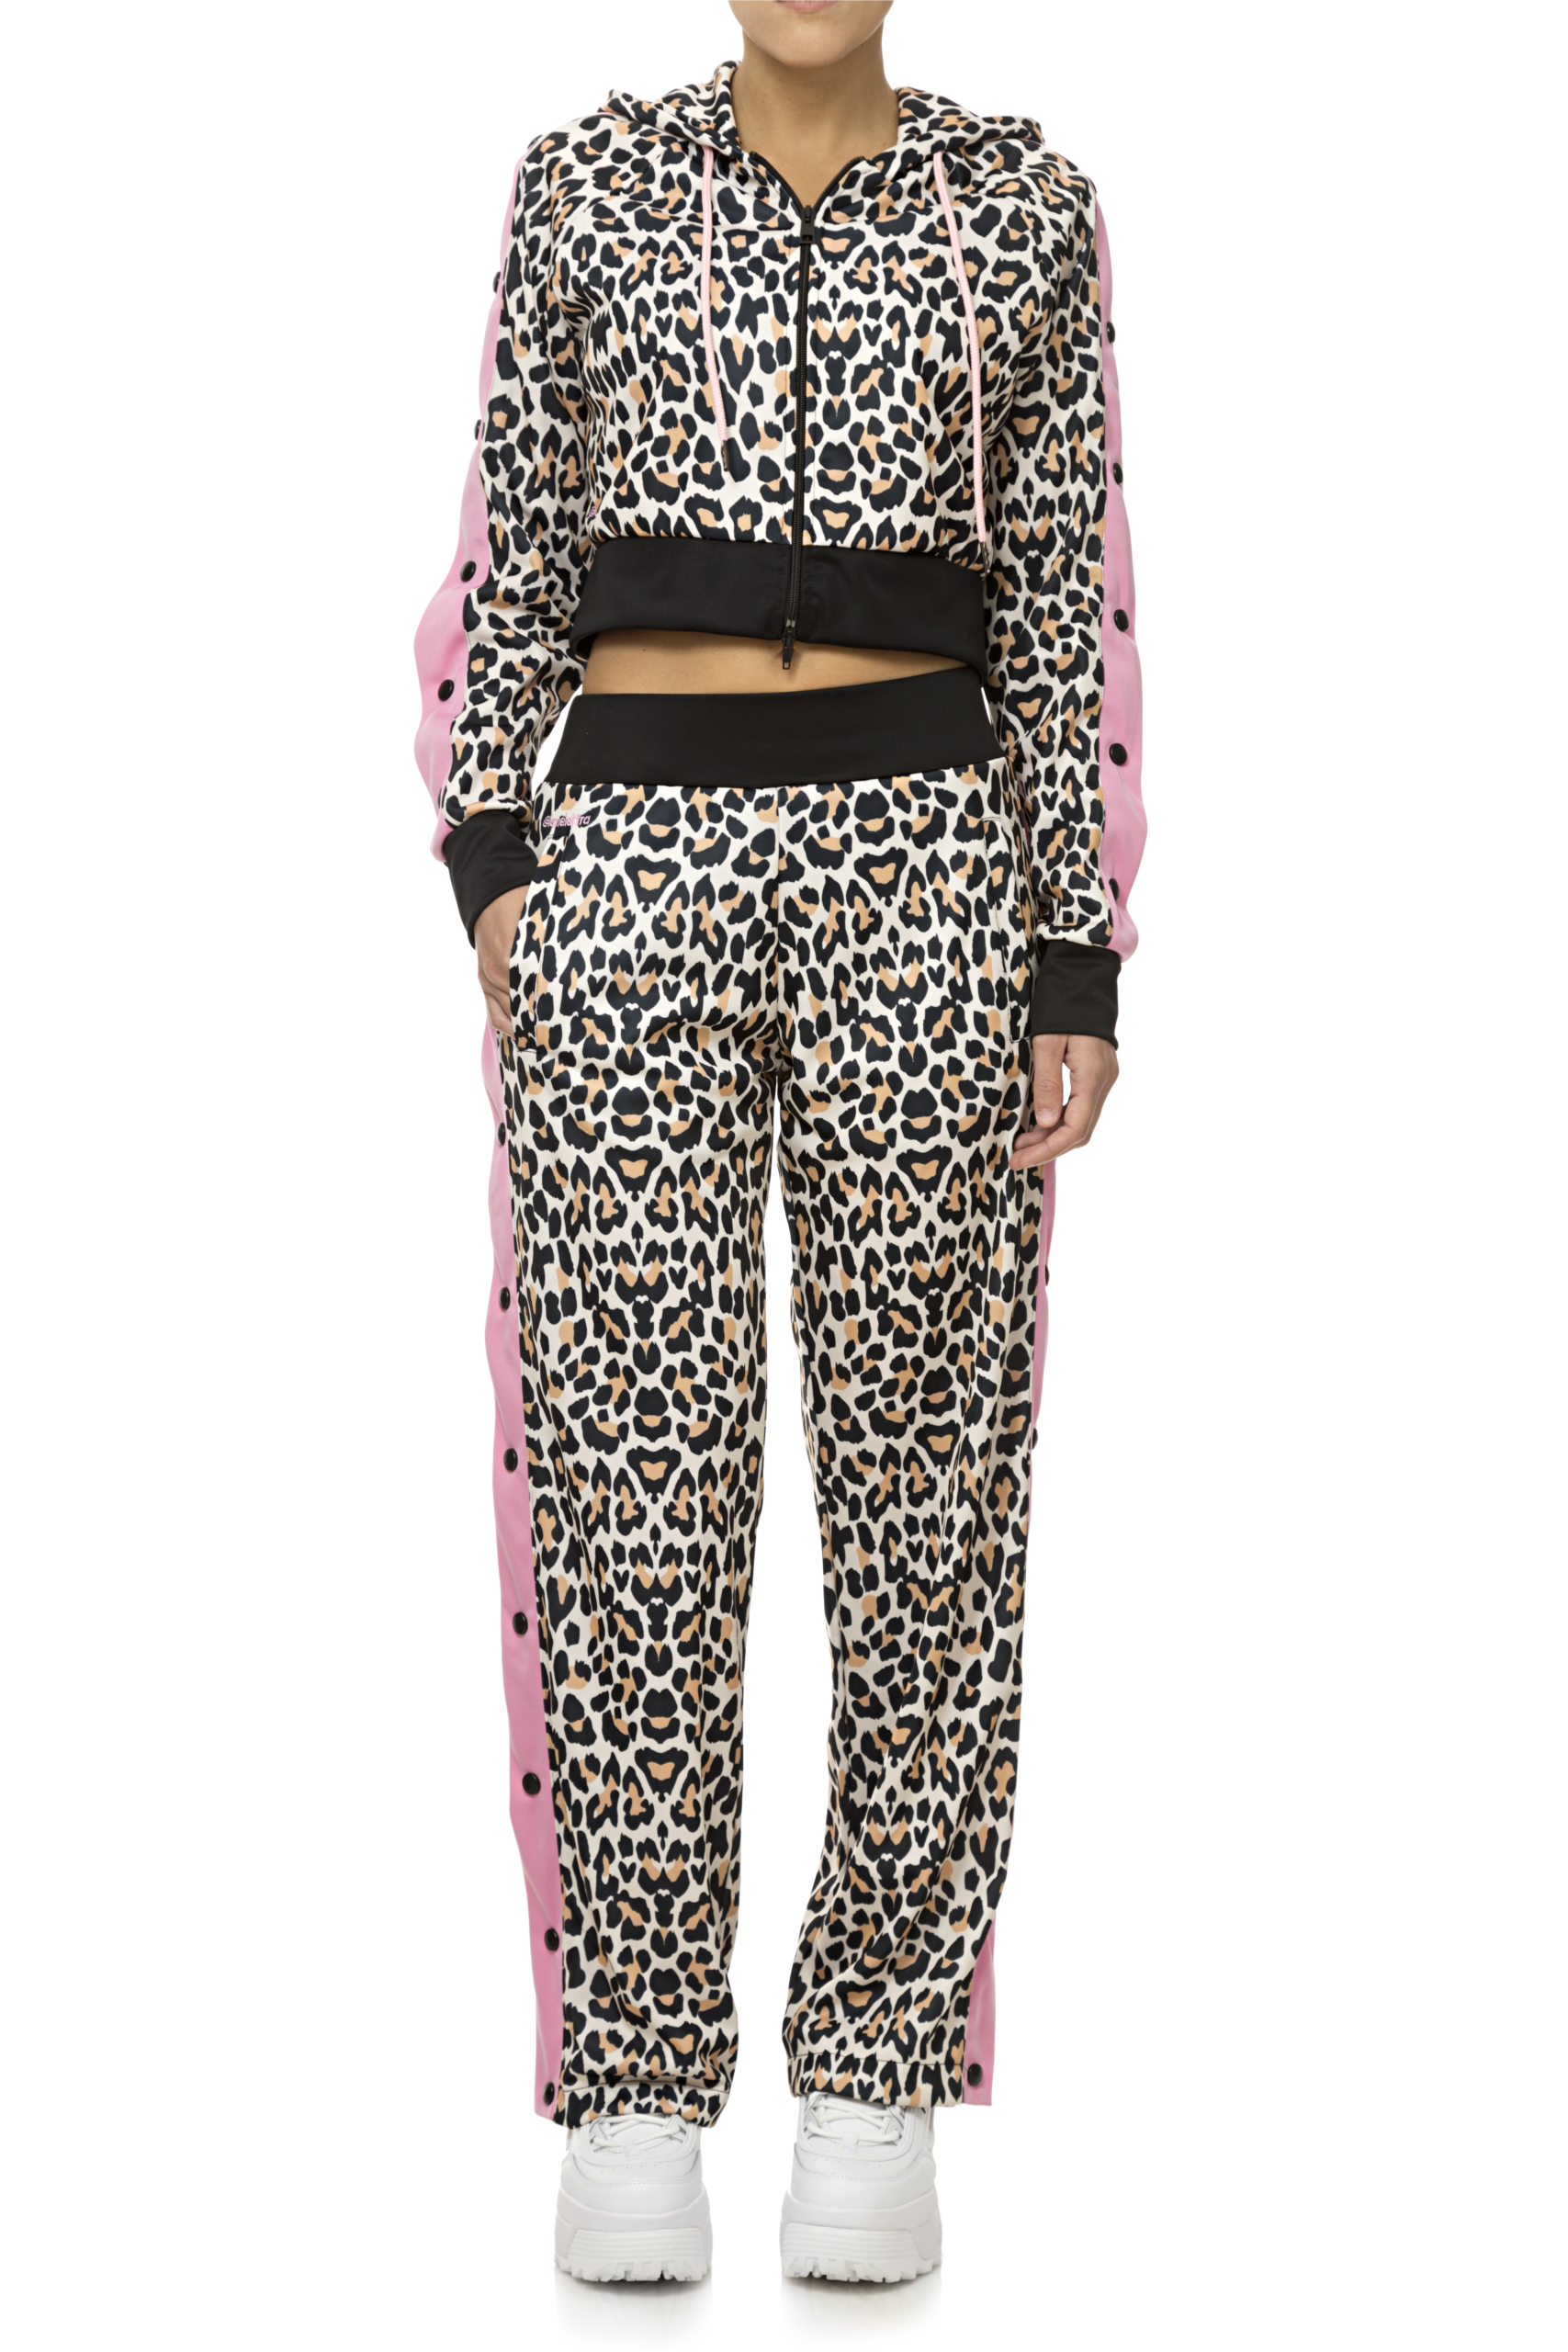 Tuta donna leopardata  Elettra Lamborghini moda primavera estate 2020 (37)